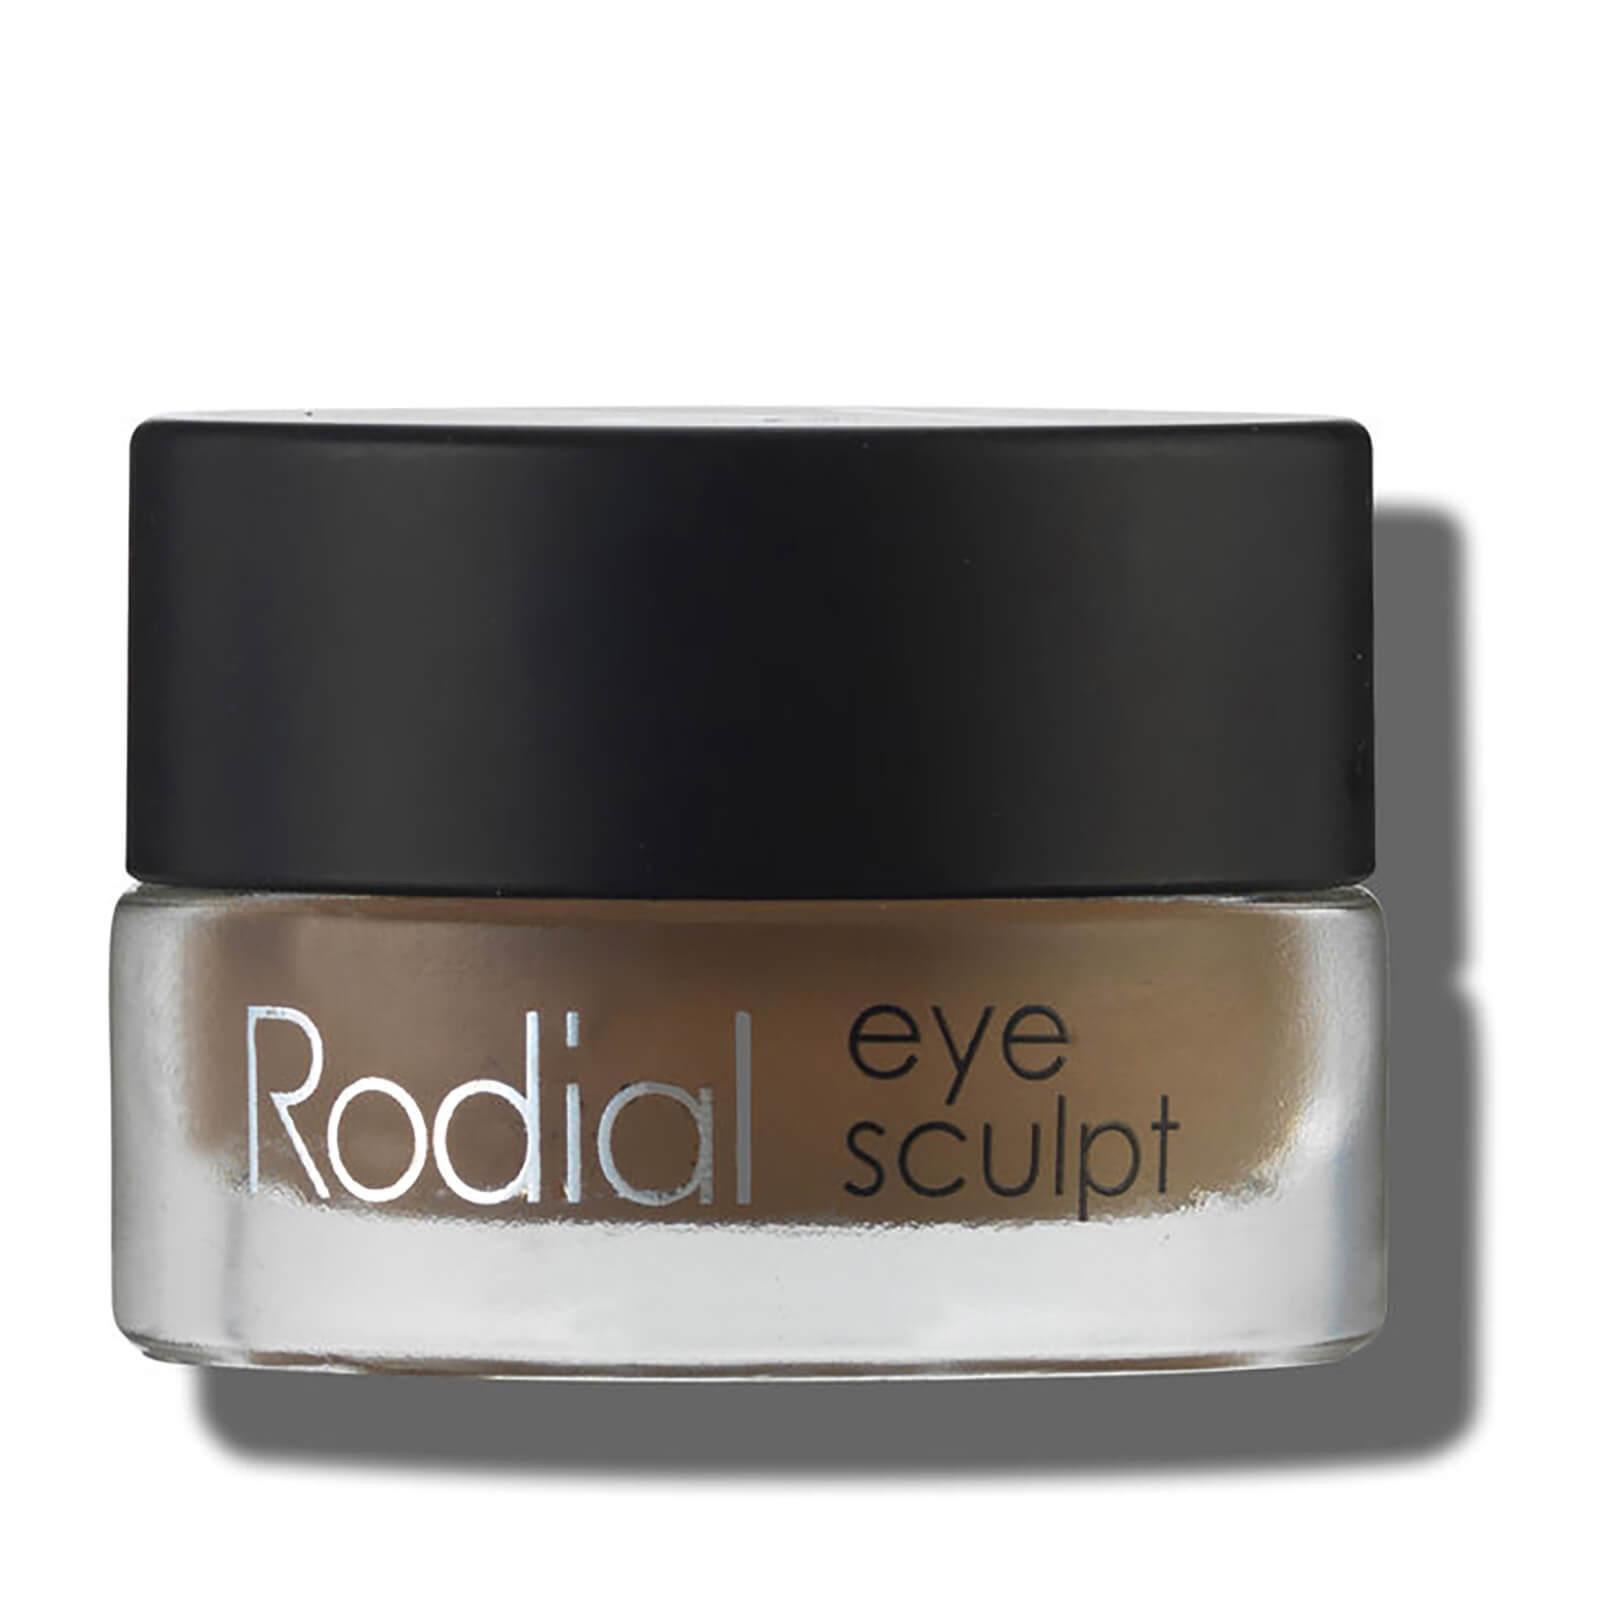 Rodial Eye Scuplt 0.2oz  | SkinStore